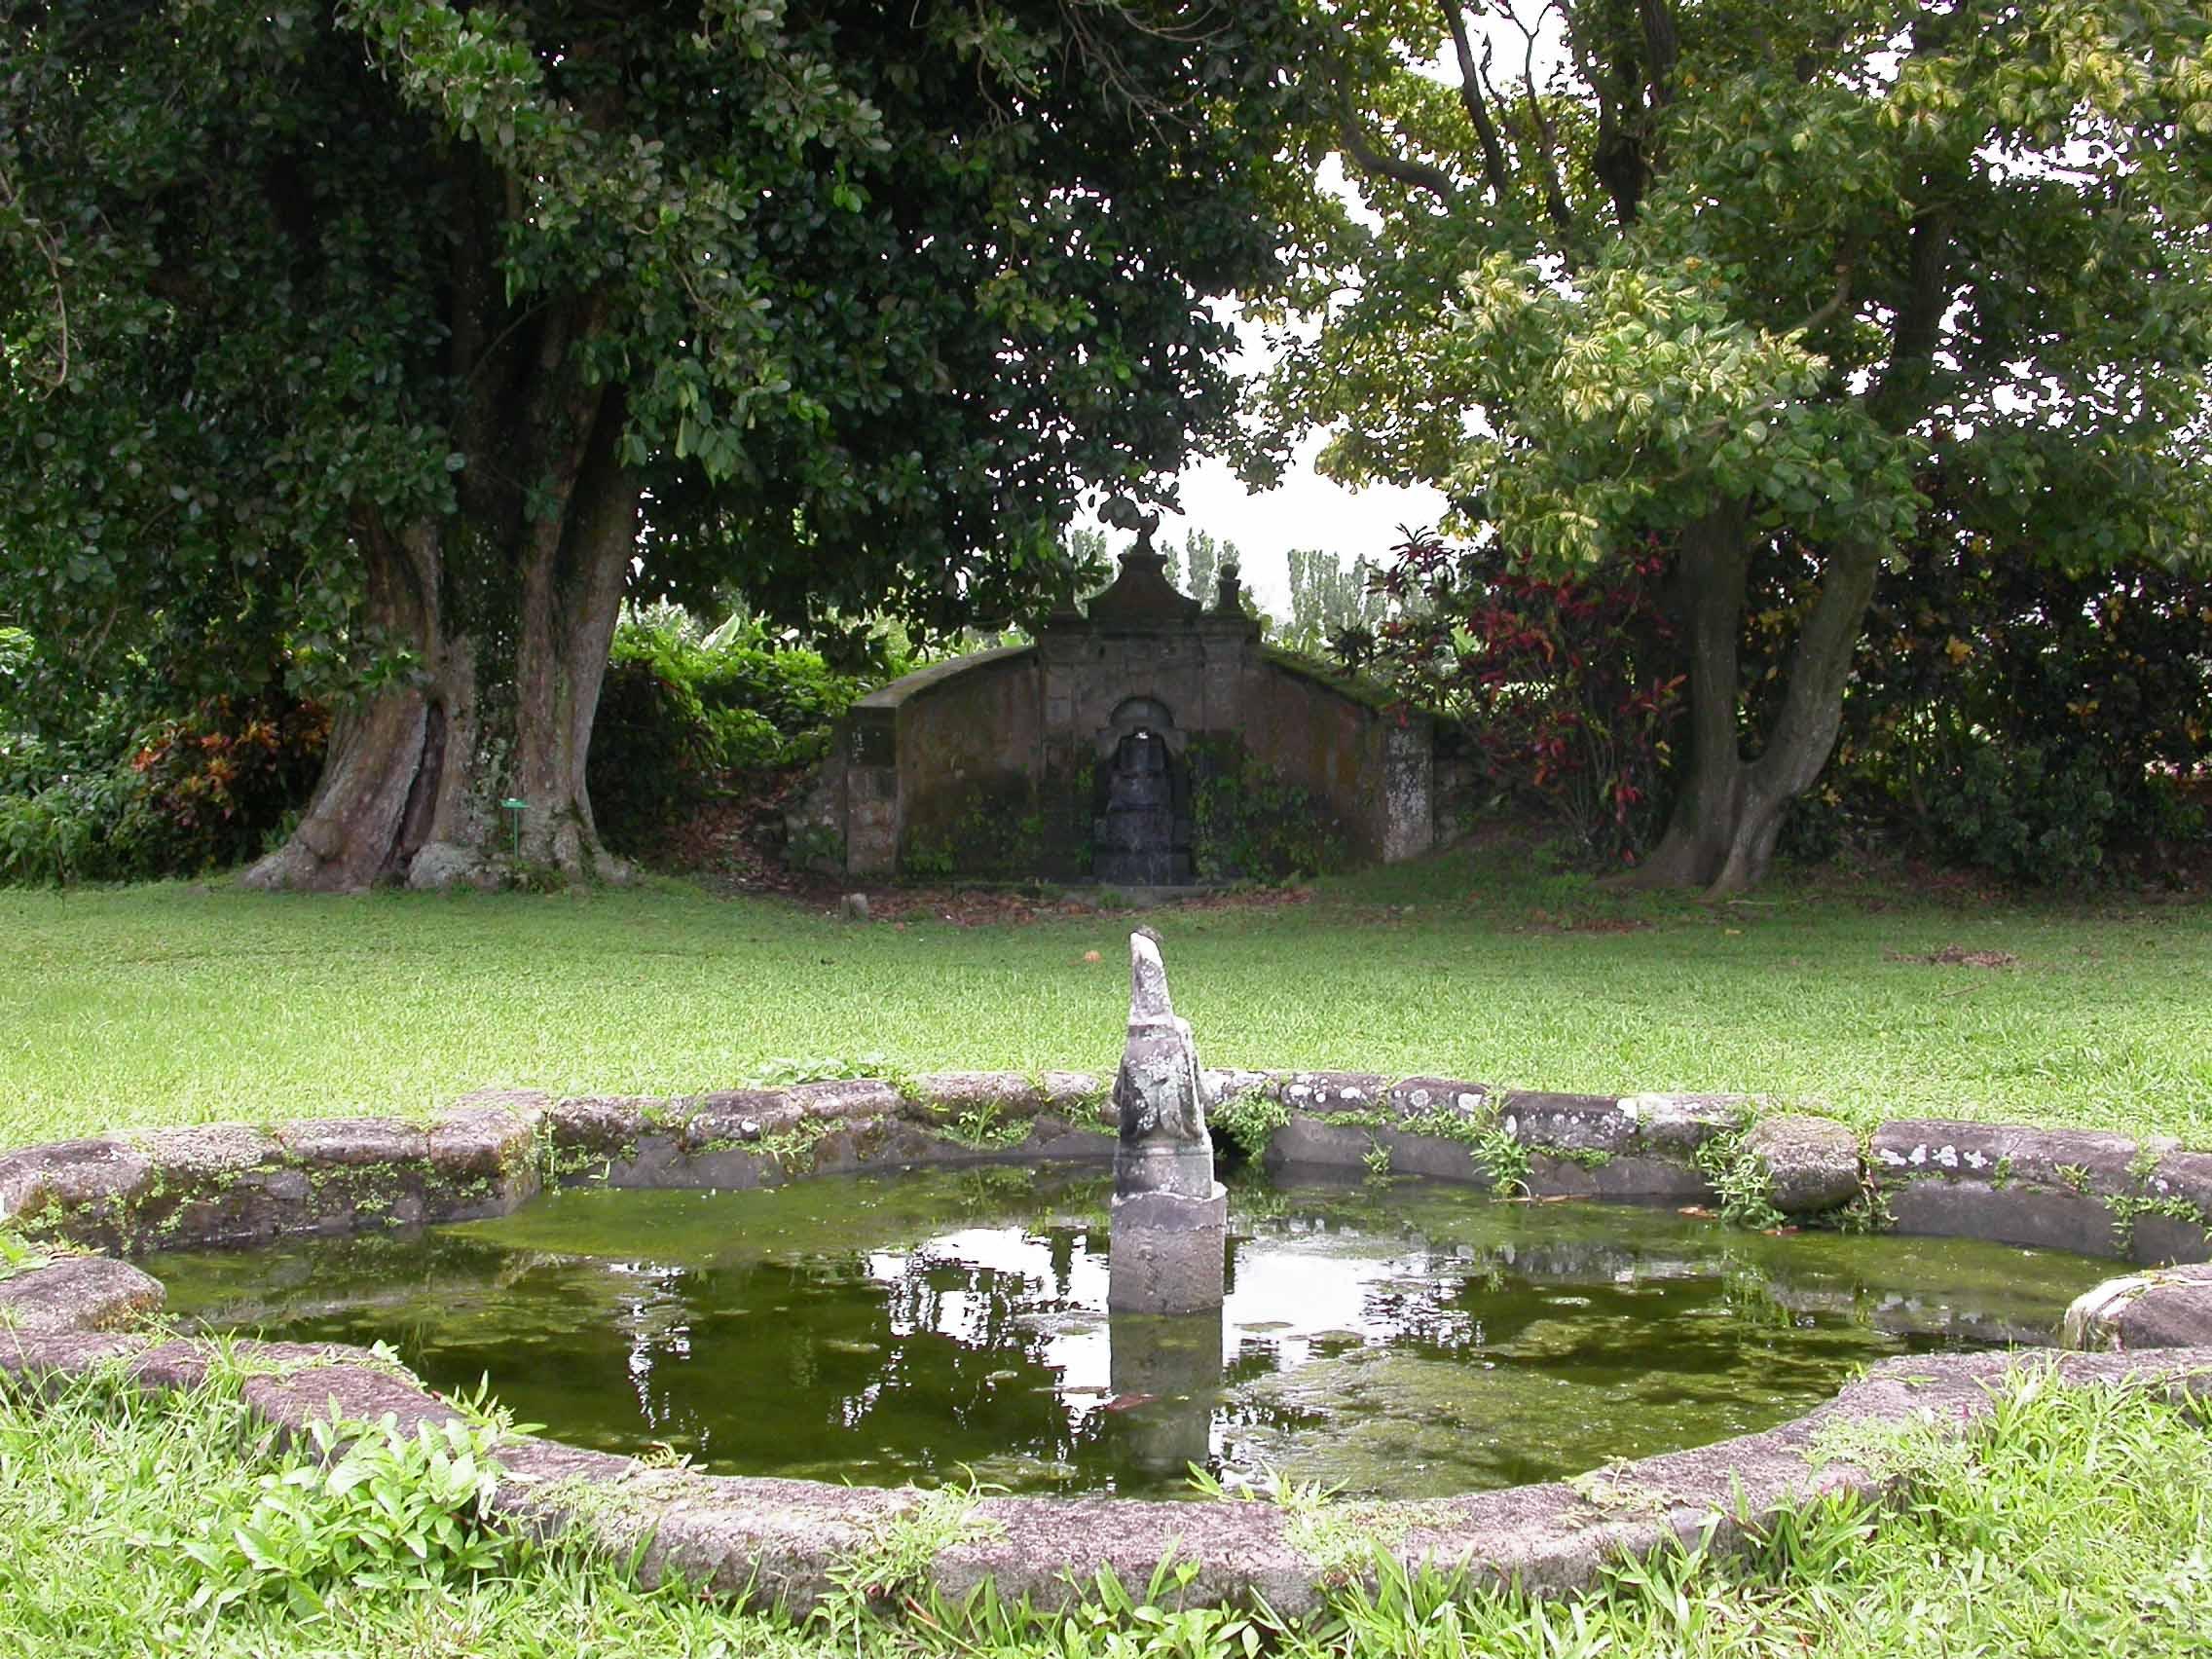 Jardin d'agrément dit Jardin à la française